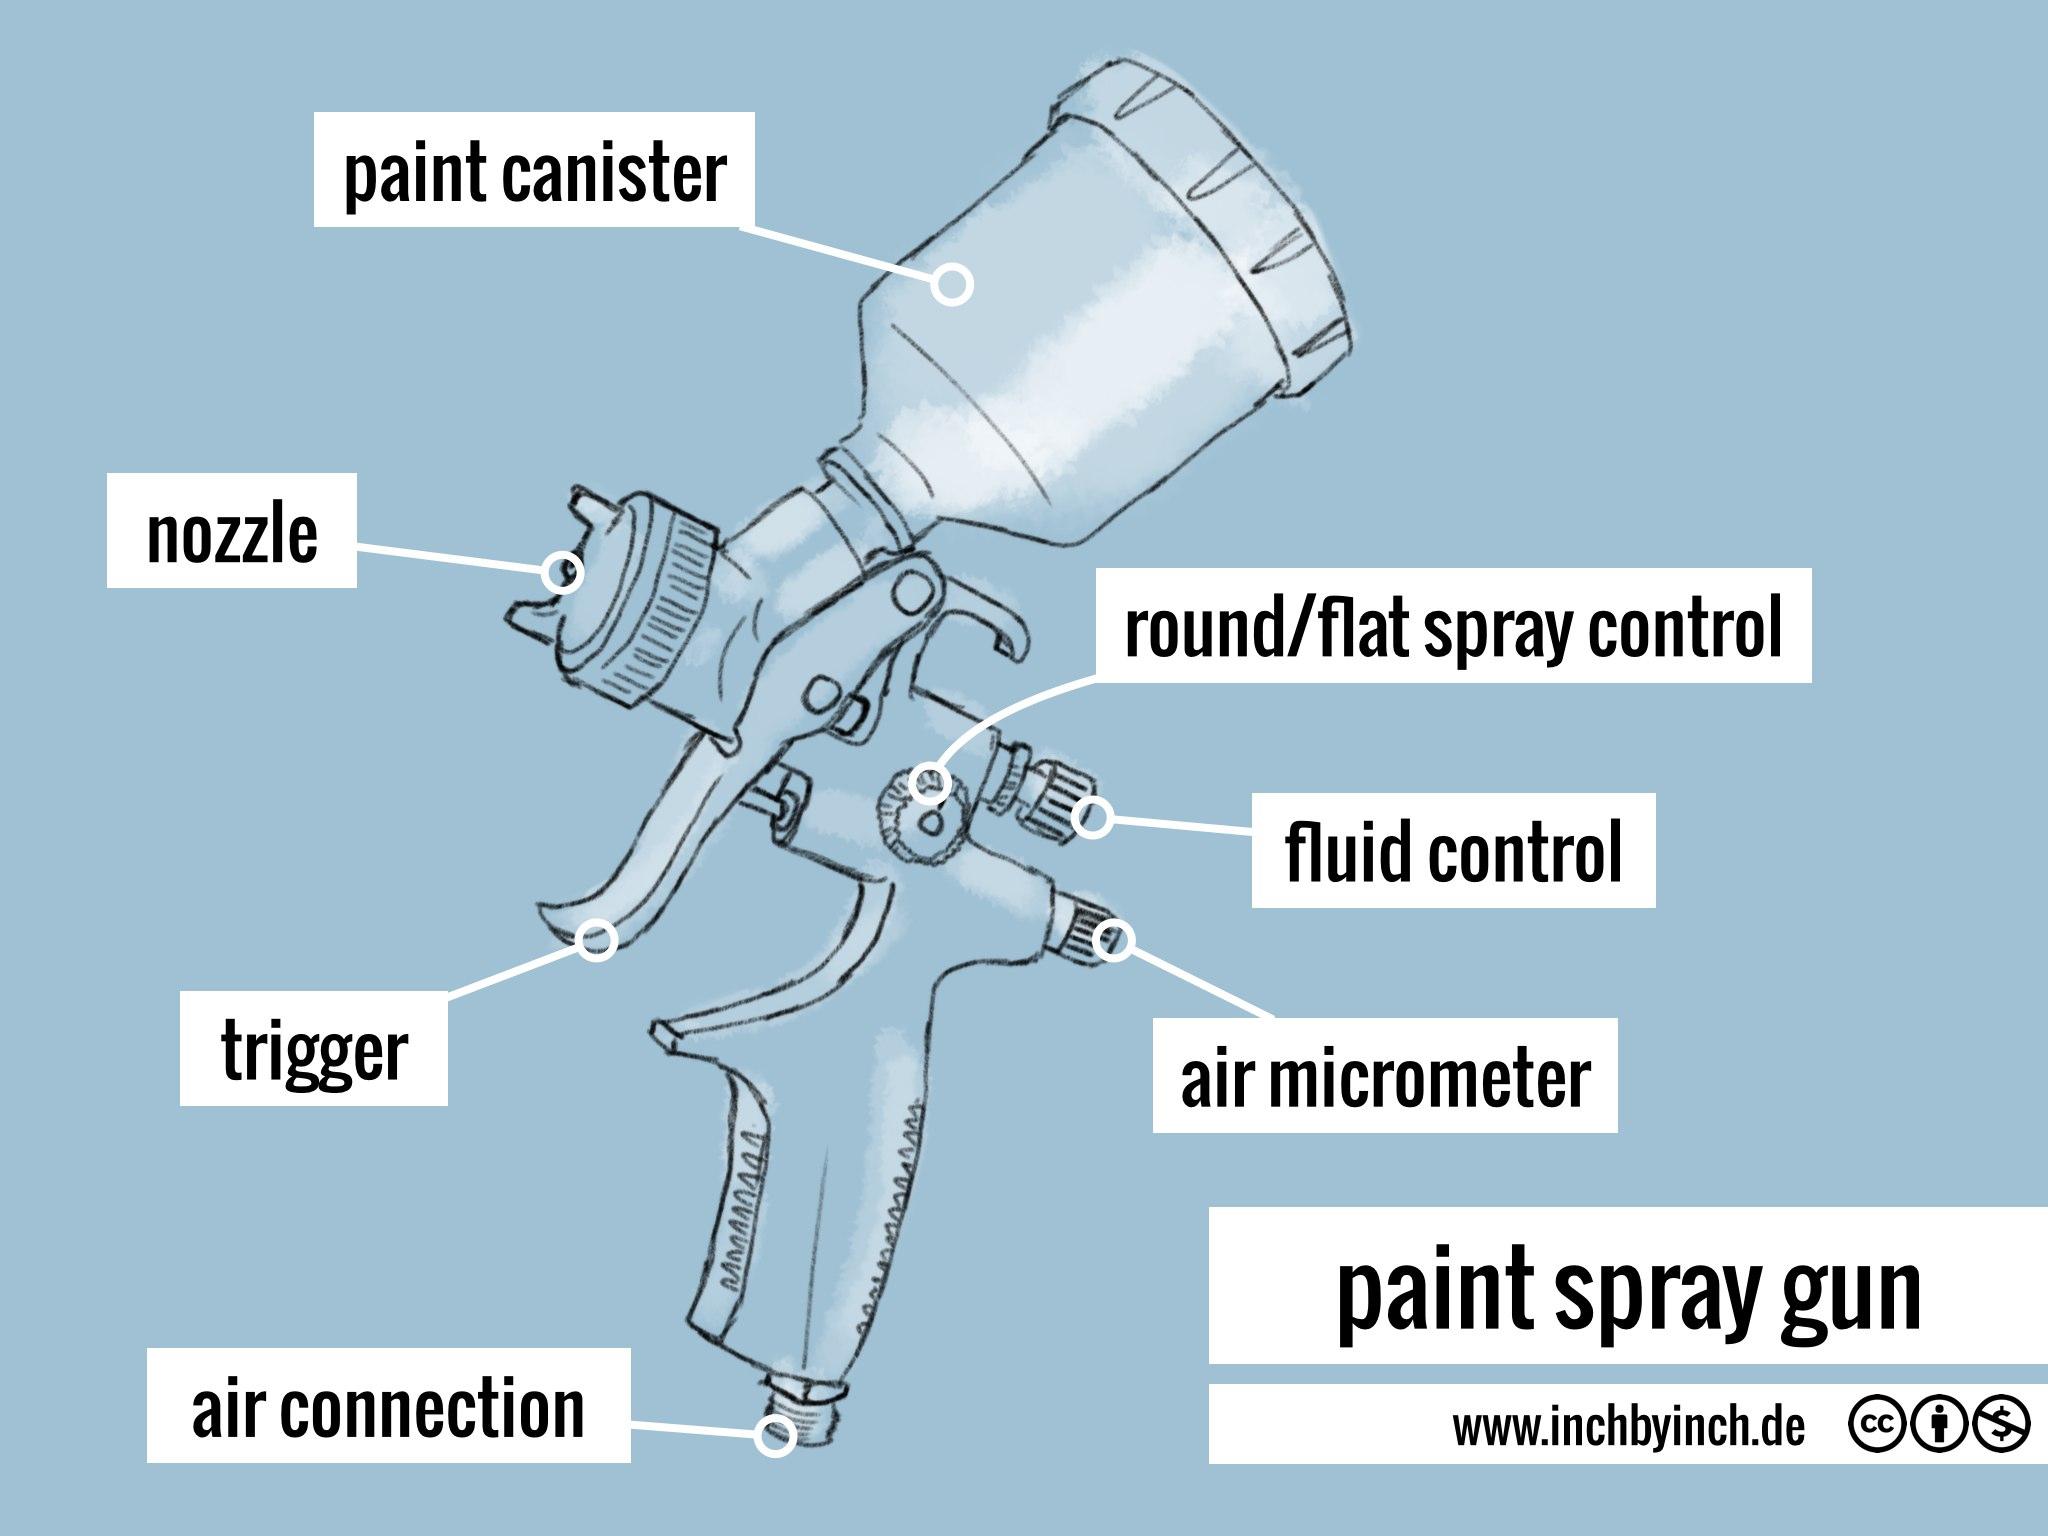 paint spray gun spritzpistole paint canister flie becher nozzle d se. Black Bedroom Furniture Sets. Home Design Ideas